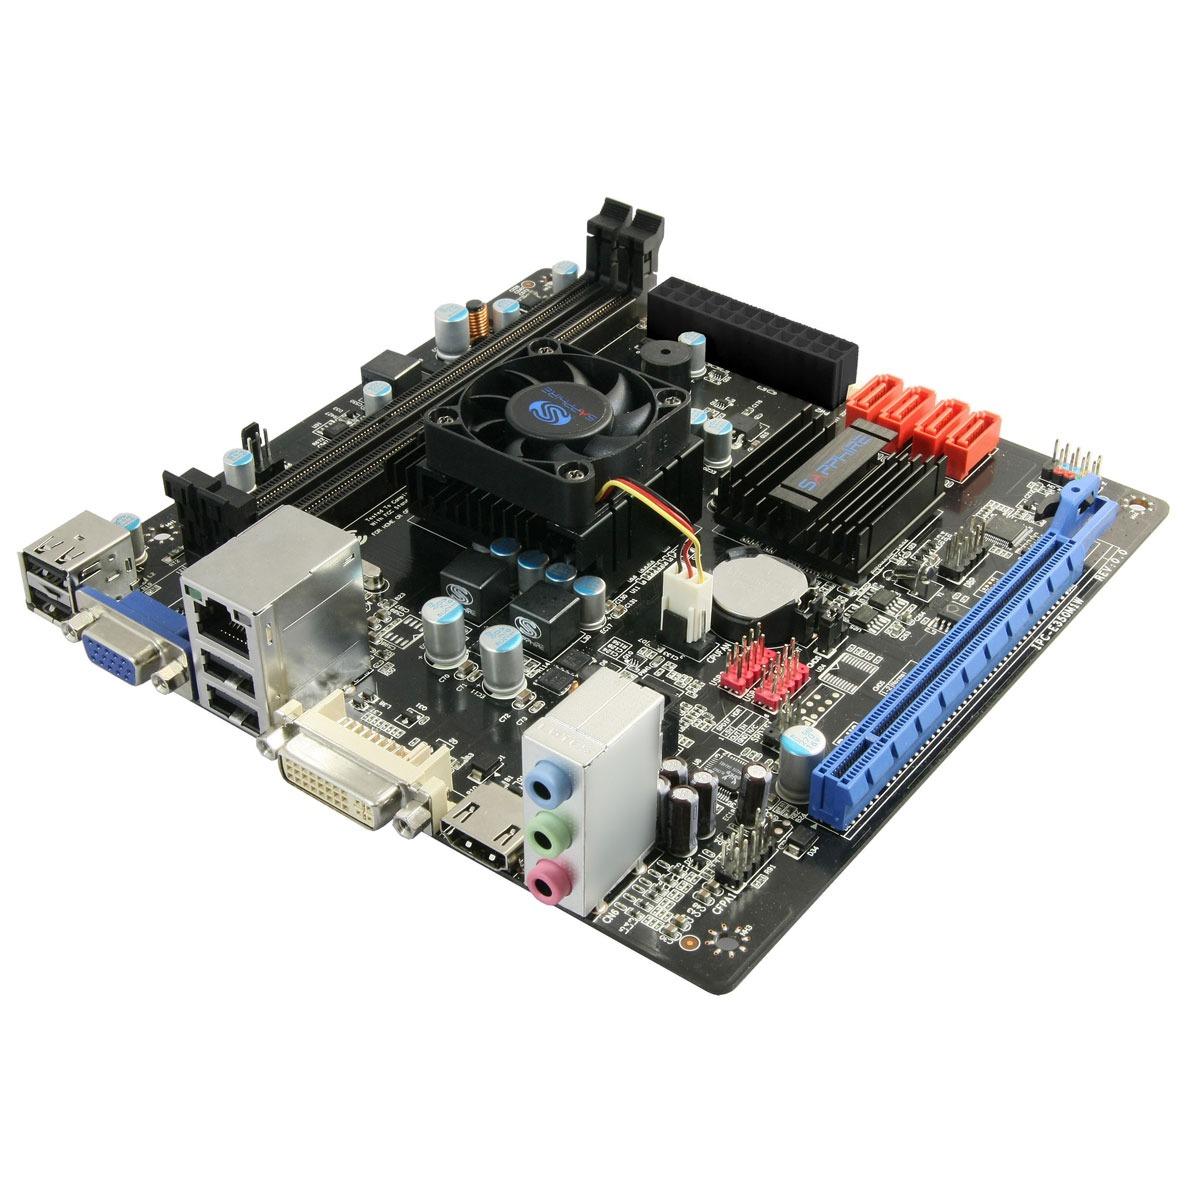 Carte mère Sapphire PURE White Fusion E350 (IPC-E350M1W) Carte mère Mini ITX avec processeur AMD E350 (AMD Hudson M1)